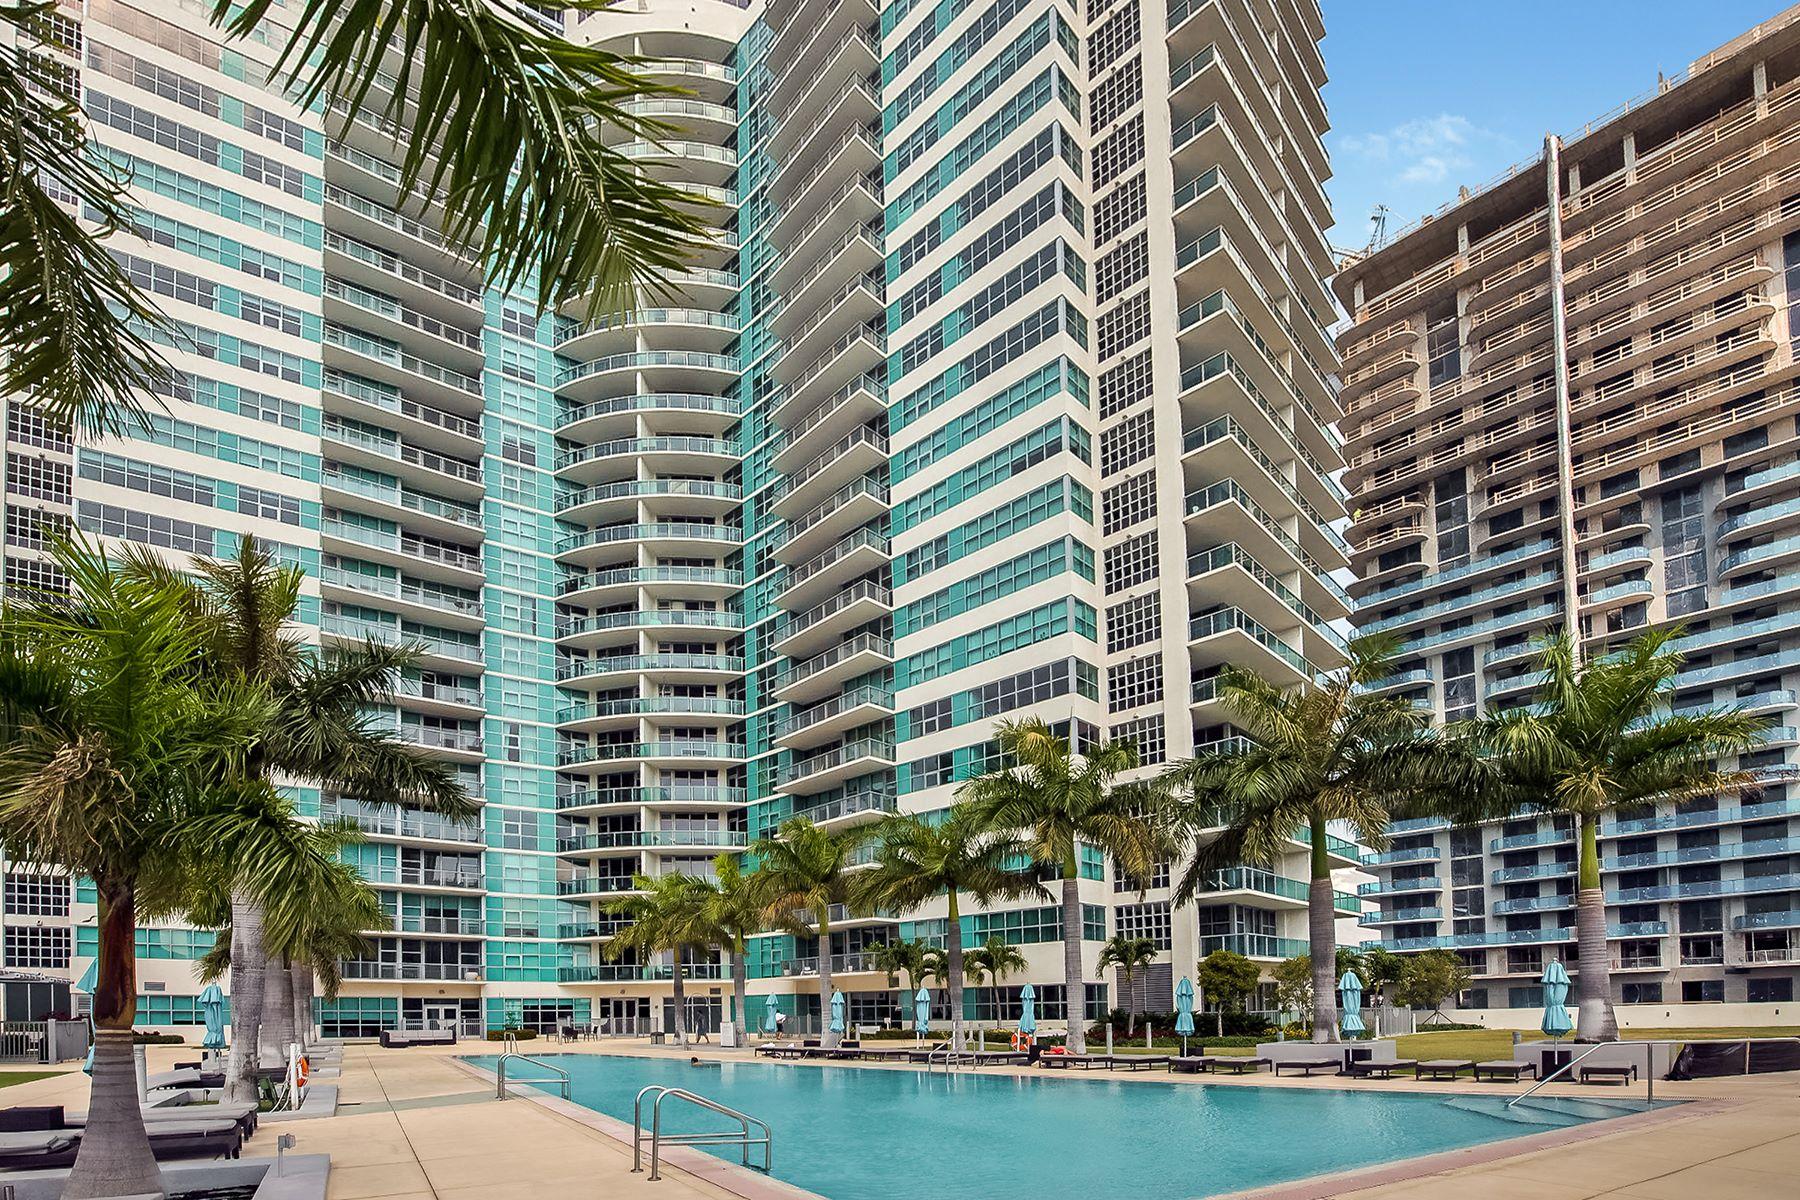 Condominium for Sale at 3301 Ne 1st Avenue #M0701 3301 Ne 1st Avenue M0701 Miami, Florida, 33137 United States